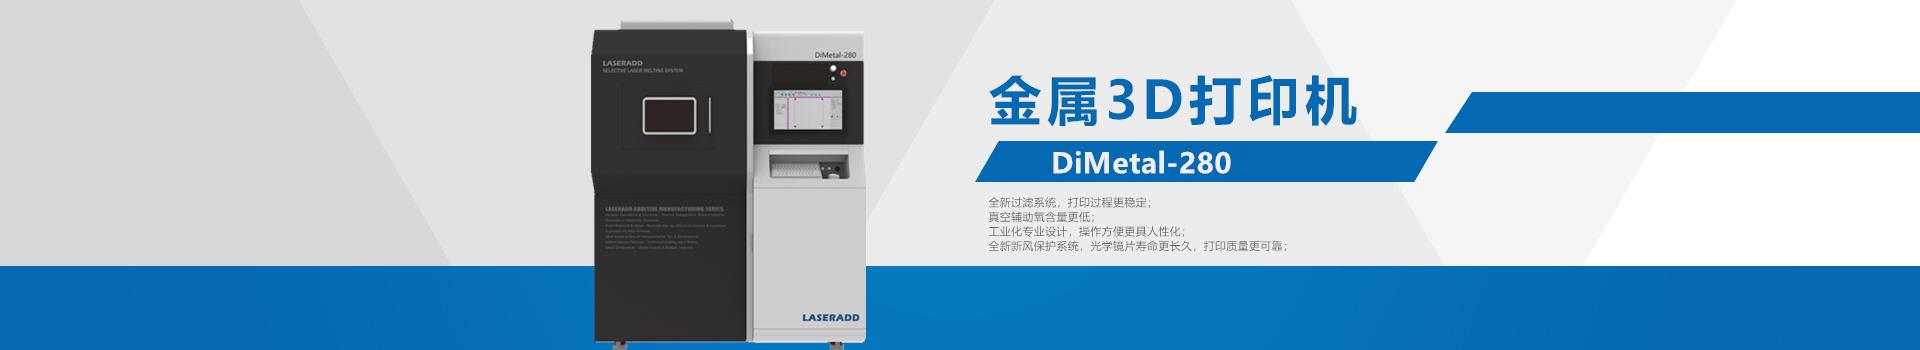 DiMetal-280 金屬3D打印機